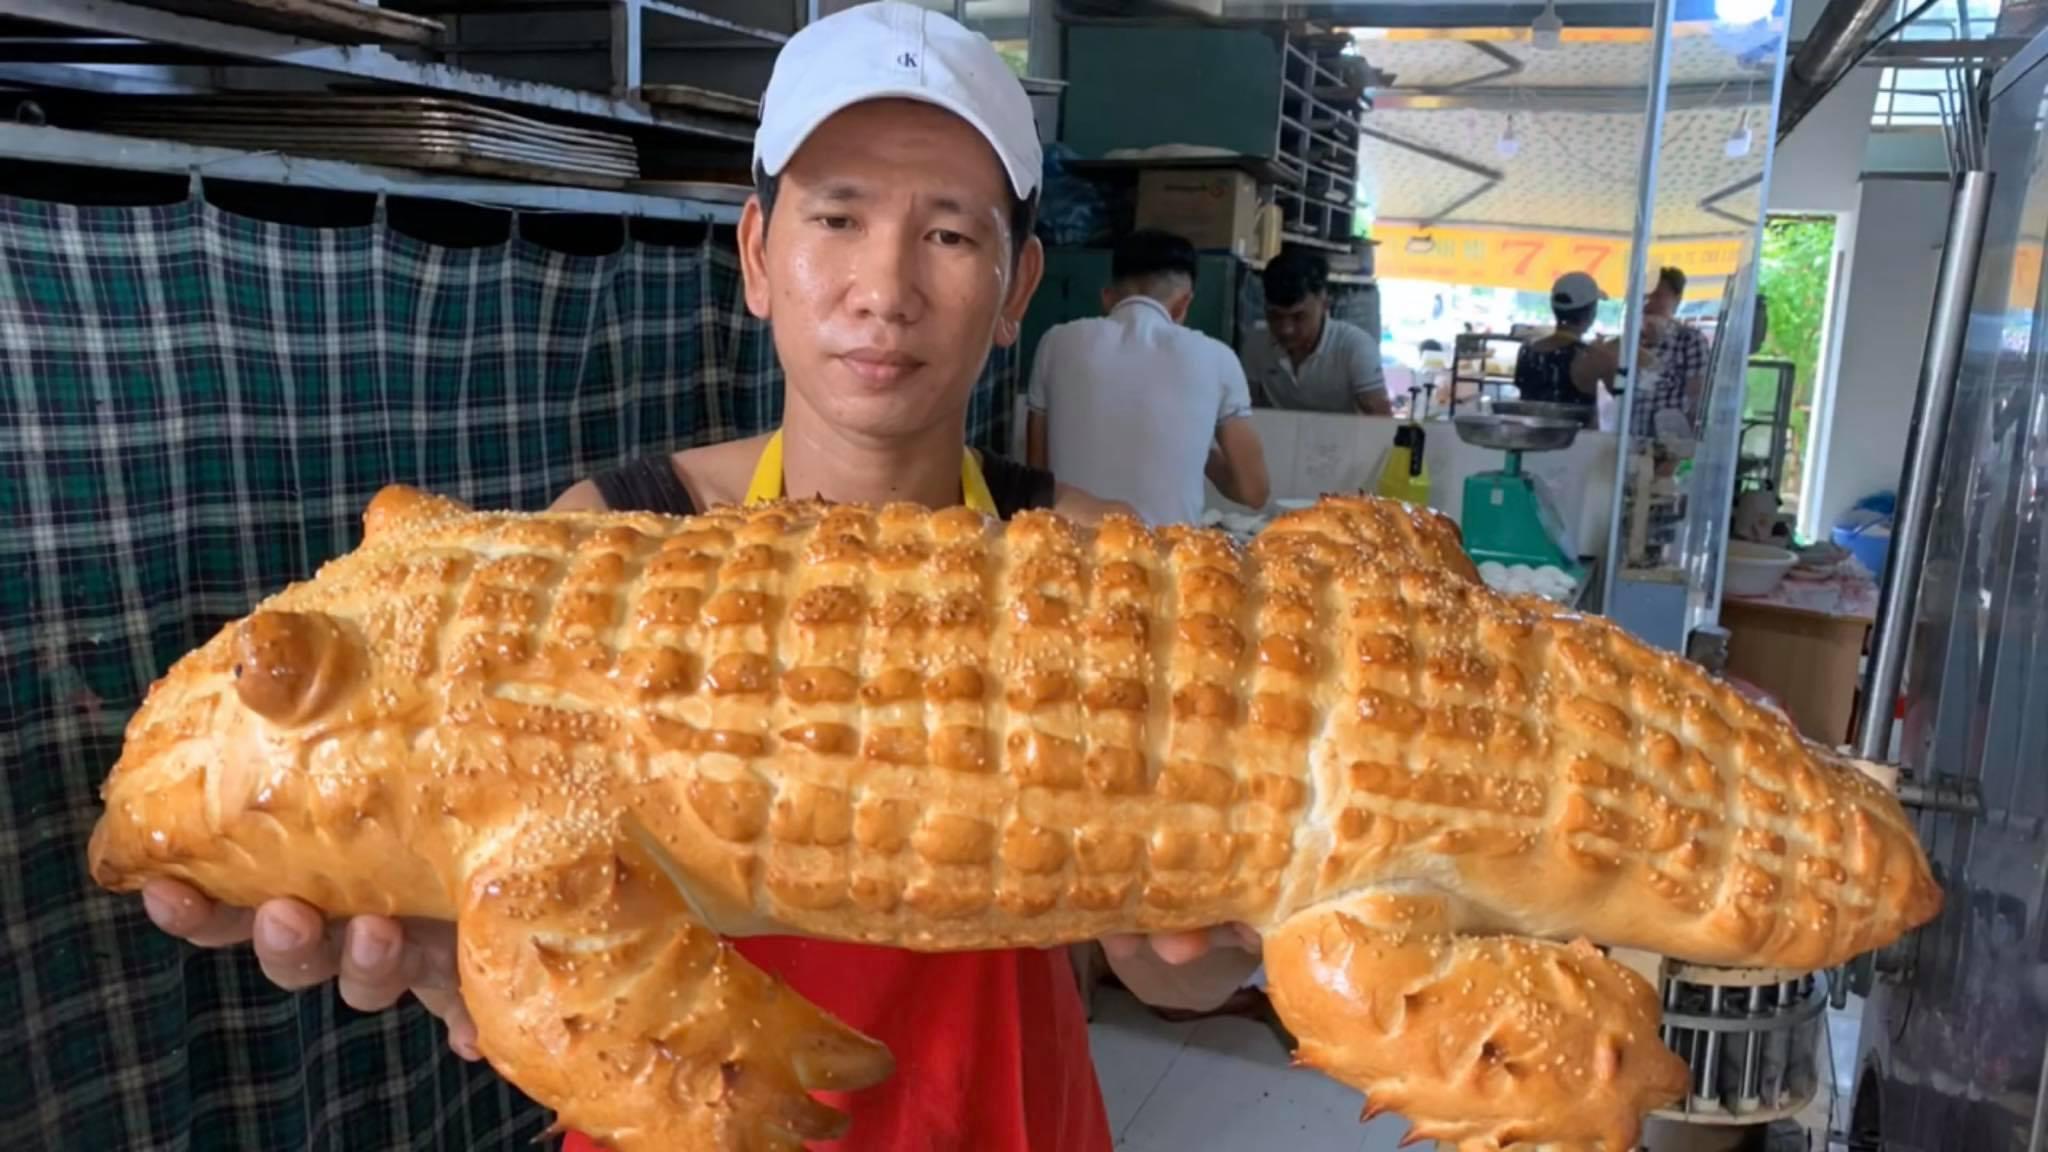 Tiết lộ bất ngờ về chiếc bánh mì cá sấu khổng lồ gây 'sốt'